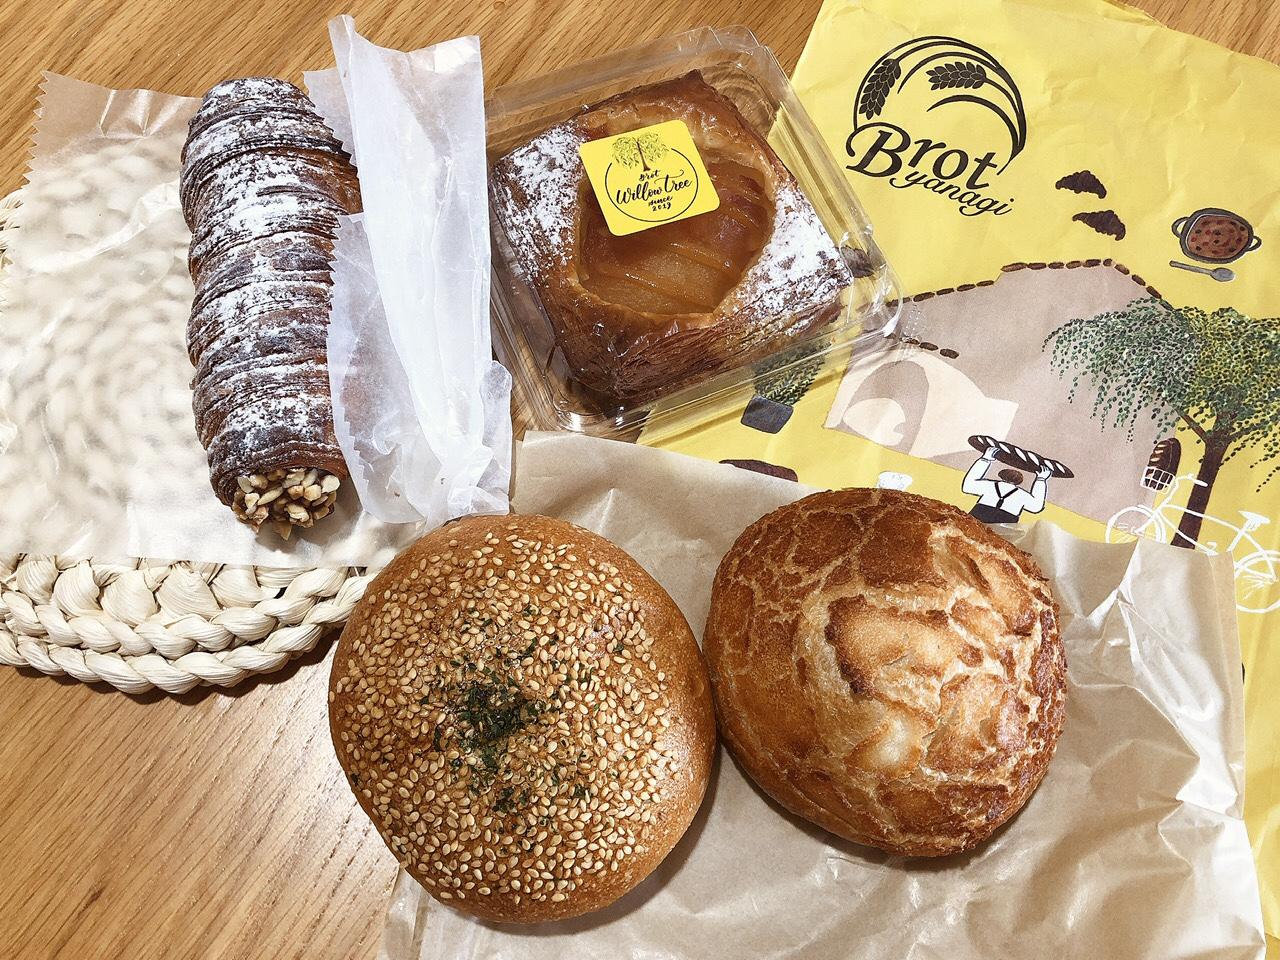 金山|まるで夢の国!魅力的なお惣菜パンとスイーツパンがいただけるおしゃれベーカリー